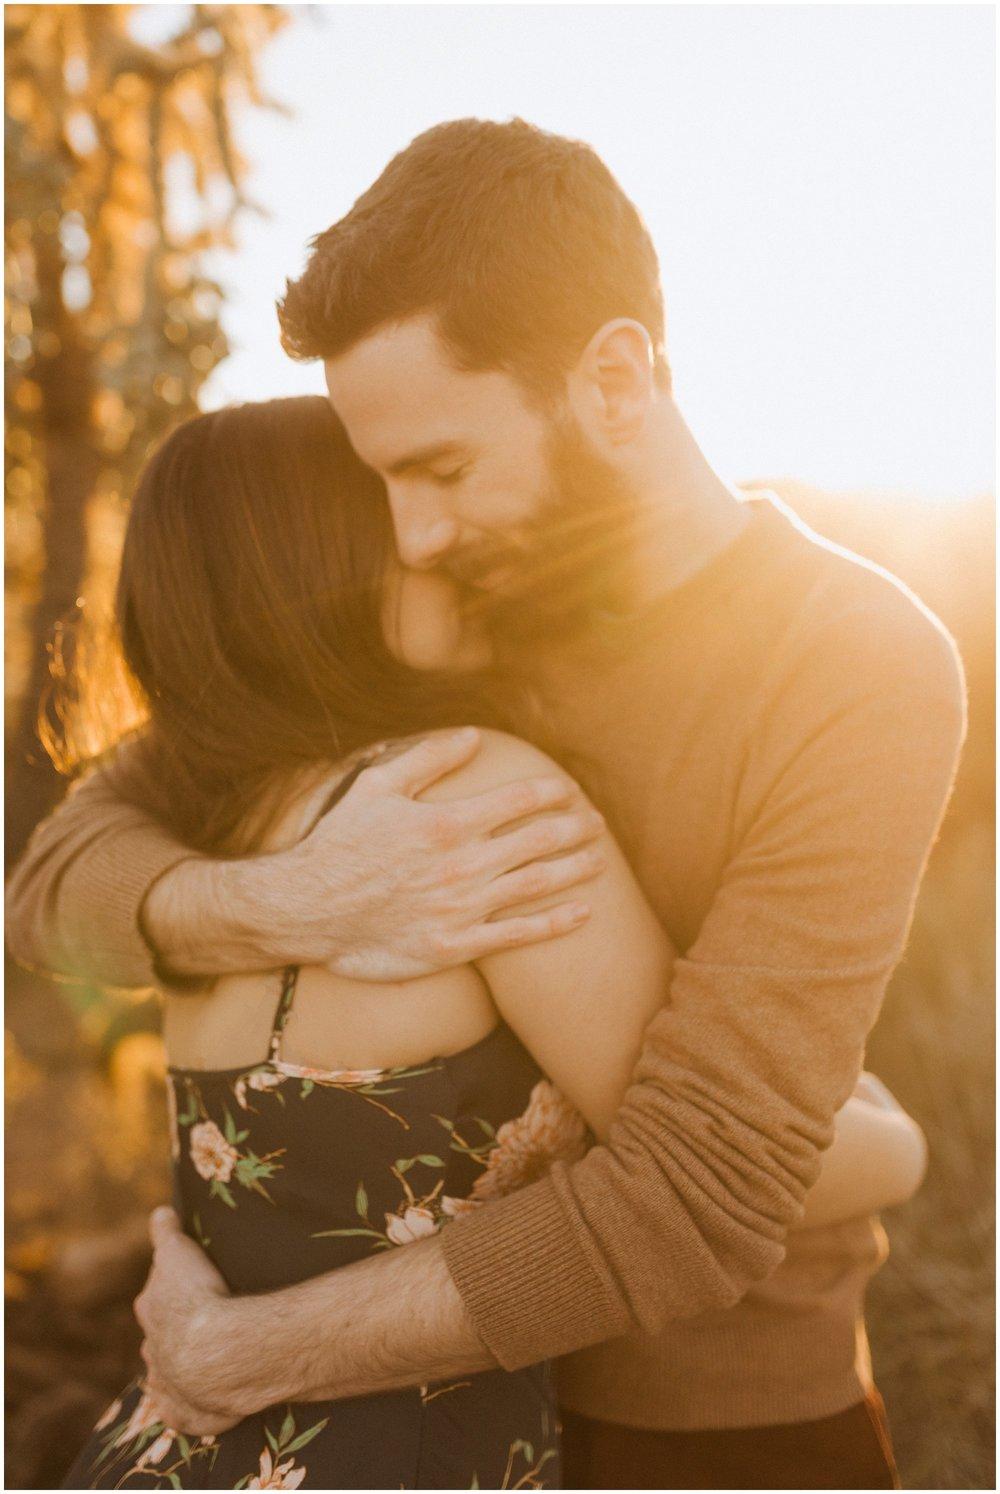 dating kuudes luokkalaisen